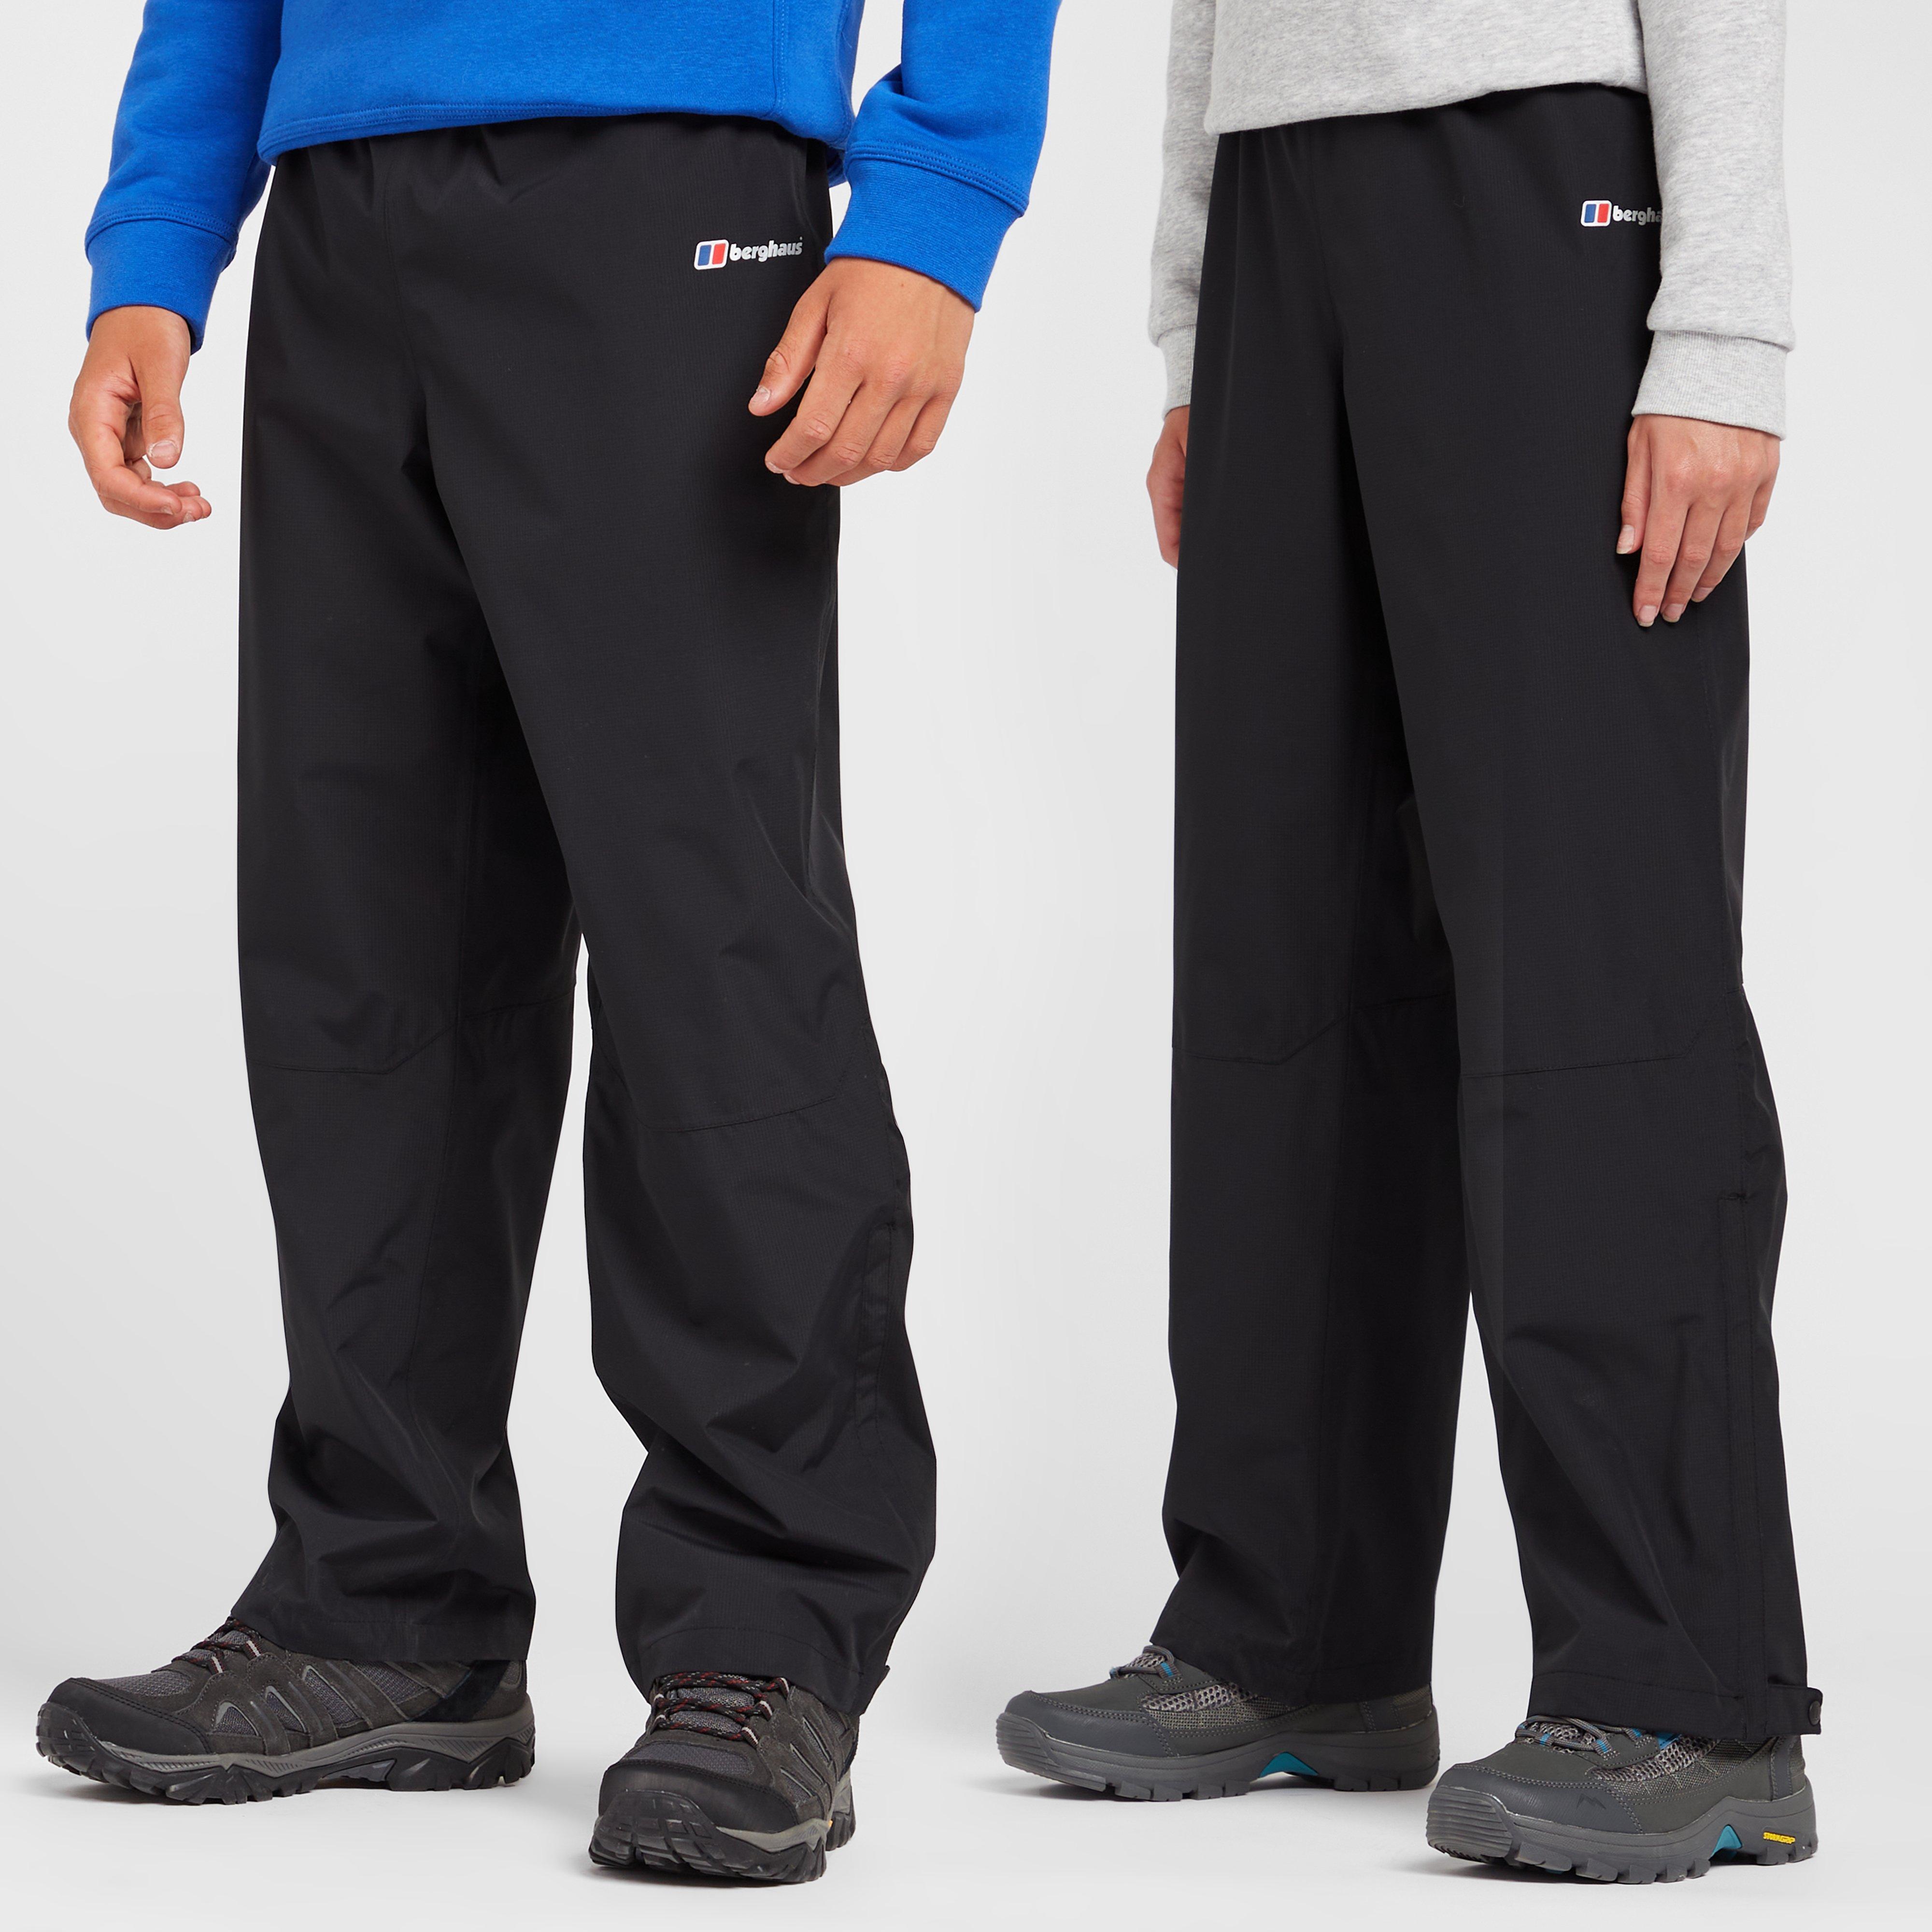 Berghaus Kids Drift Over Trousers - Black  Black